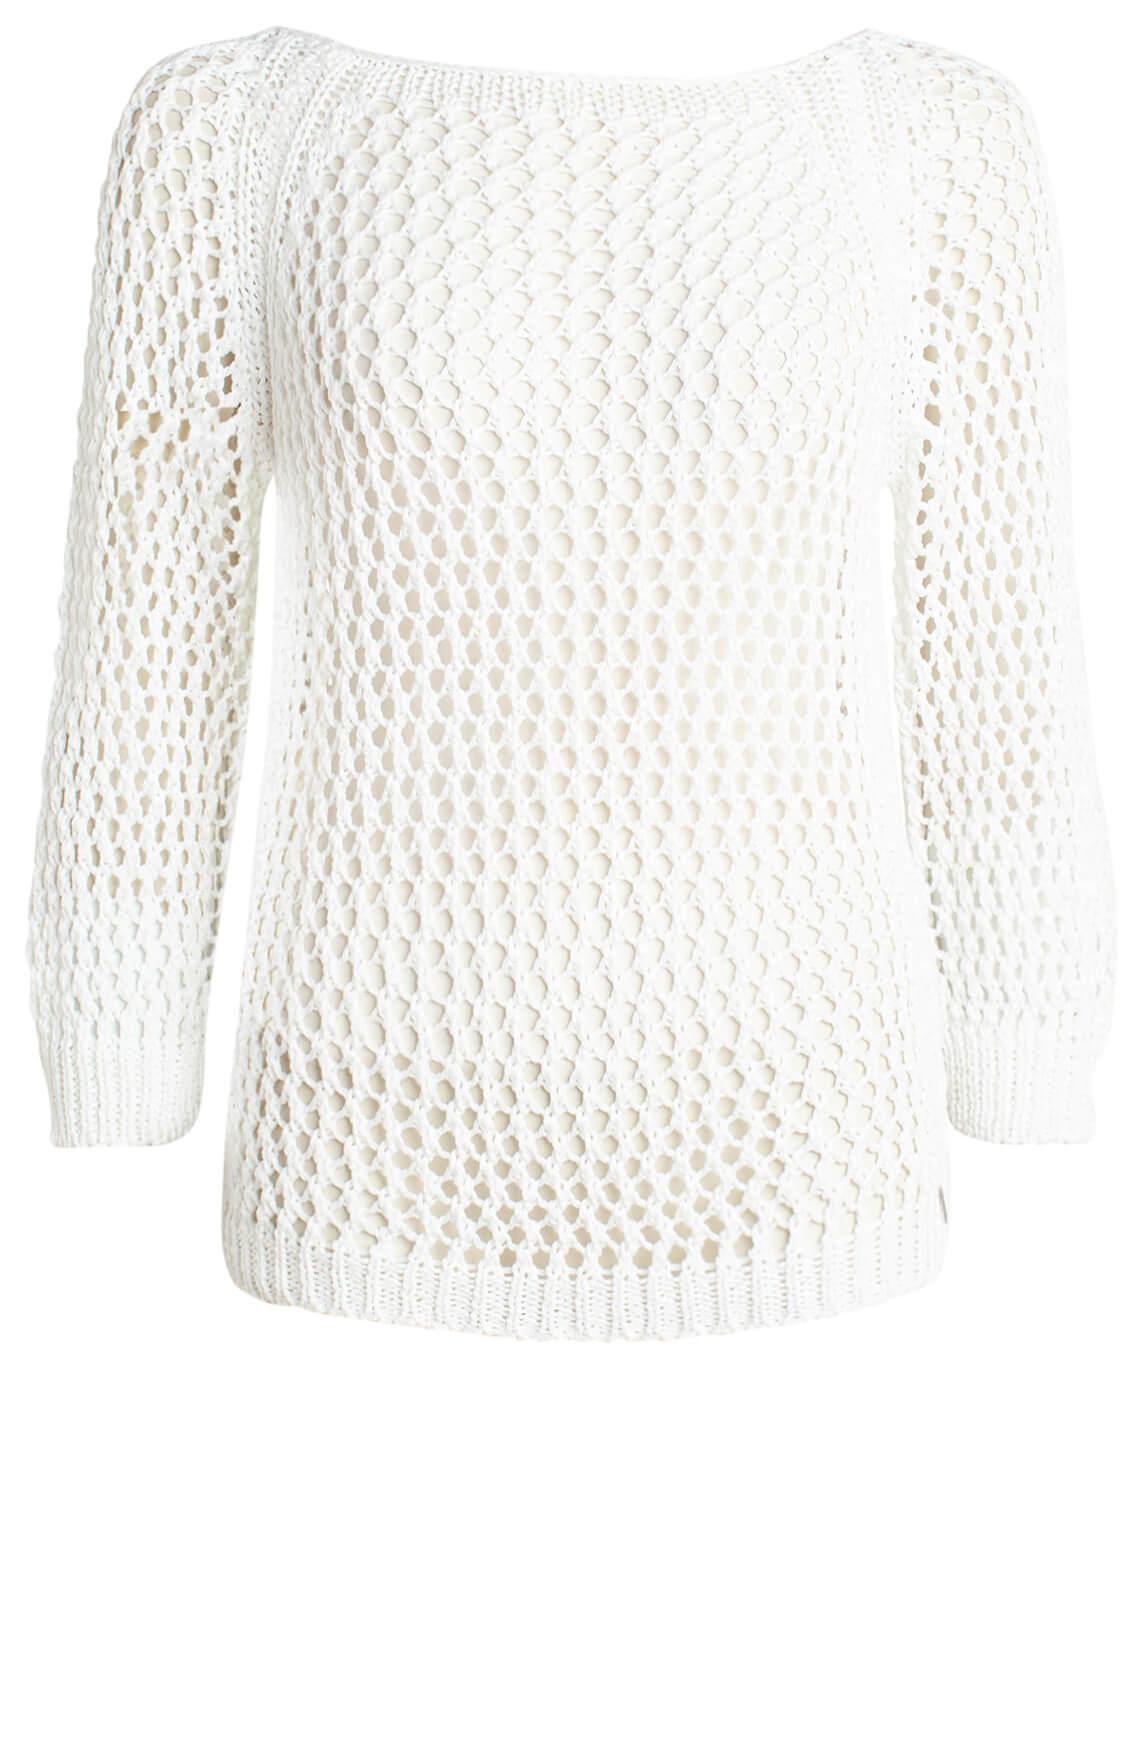 Anna Dames Opengebreide pullover wit